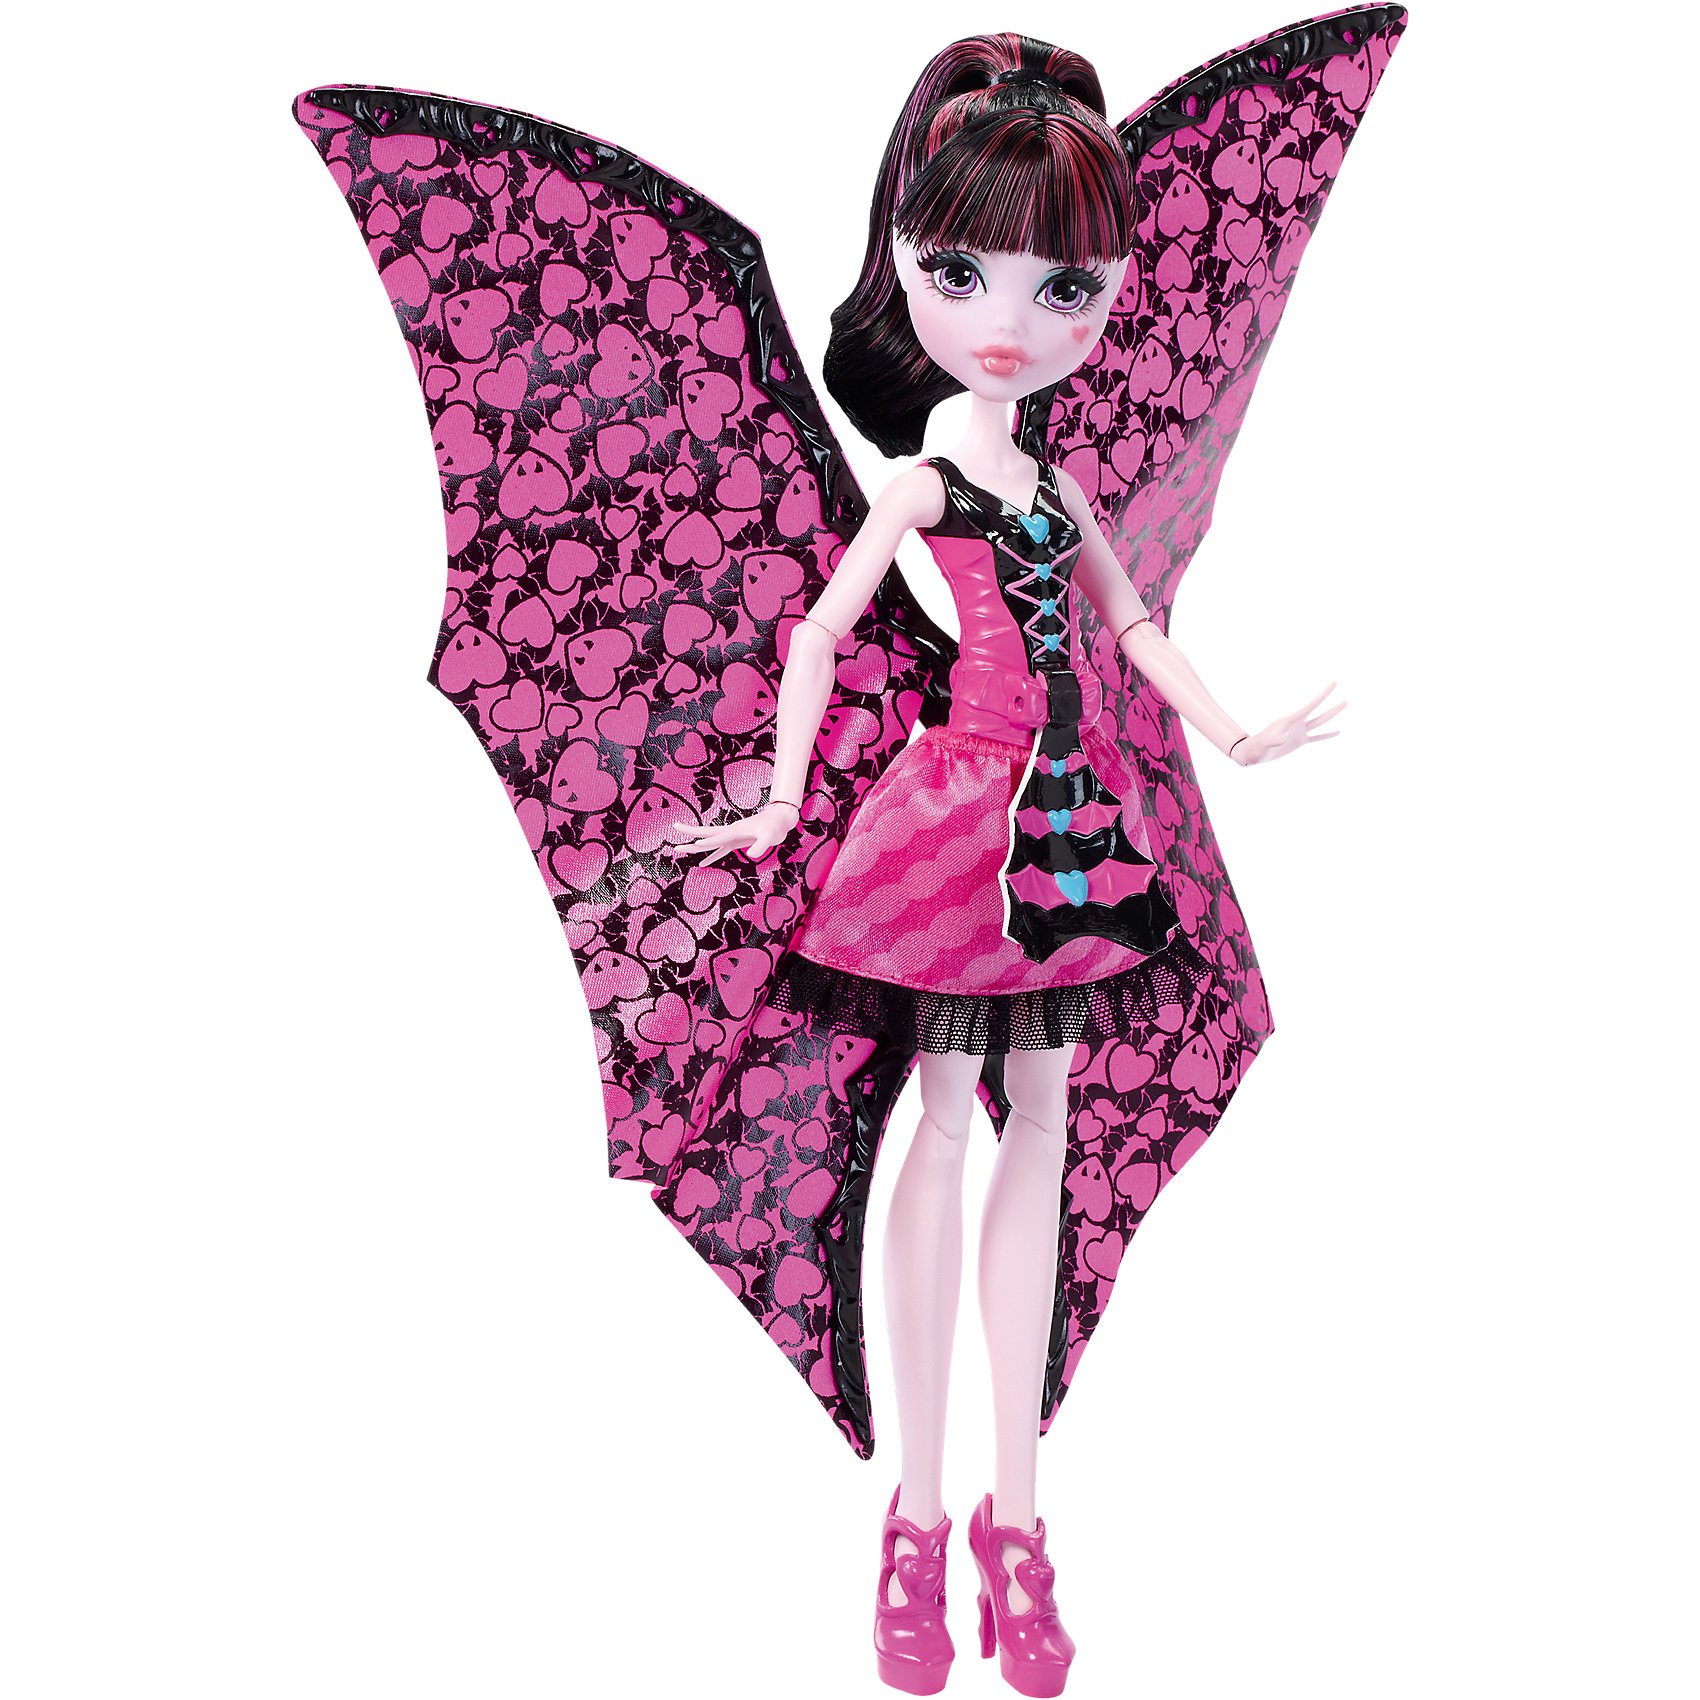 Дракулаура в трансформирующемся наряде, Monster HighПопулярные игрушки<br>Дракулаура в трансформирующемся наряде, Monster High, Mattel (Маттел) ? кукла, выполненная в образе одной из главных героинь знаменитого фильма Школы моннстров. Кукла выполнена из экологичного и безопасного пластика, волосы изготовлены из нейлона. Дракулаура ? шарнирная кукла, поэтому ей можно придать абсолютно любую позу<br>Дракулаура на этот раз предстает в наряде, который позволяет ей быстро и легко превращаться в летучую мышь. Для этого достаточно потянуть на рычажок, который расположен на корсете ее наряда и пышная верхняя юбка превратится в крылья. Наряд Дракулауры выполнен в ее самом любимом цвете ? розовом, на ногах ? розовые туфельки.<br>Дракулаура в трансформирующемся наряде, Monster High, Mattel (Маттел) ? идеальный подарок для поклонников данной серии.<br>Обратите внимание, что самостоятельно кукла стоять не может, для этого ей требуется подставка (в комплект не входит).<br><br>Дополнительная информация:<br><br>- Вид игр: сюжетно-ролевые <br>- Предназначение: для дома<br>- Серия: Monster High<br>- Материал: пластик, текстиль<br>- Размер (Д*Ш*В): 7*33*21 см<br>- Вес: 260 г <br><br>Подробнее:<br><br>• Для детей в возрасте: от 6 лет и до 12 лет<br>• Страна производитель: Китай<br>• Торговый бренд: Mattel<br><br>Дракулауру в трансформирующемся наряде, Monster High, Mattel (Маттел) можно купить в нашем интернет-магазине.<br><br>Ширина мм: 324<br>Глубина мм: 215<br>Высота мм: 67<br>Вес г: 226<br>Возраст от месяцев: 72<br>Возраст до месяцев: 120<br>Пол: Женский<br>Возраст: Детский<br>SKU: 4765349